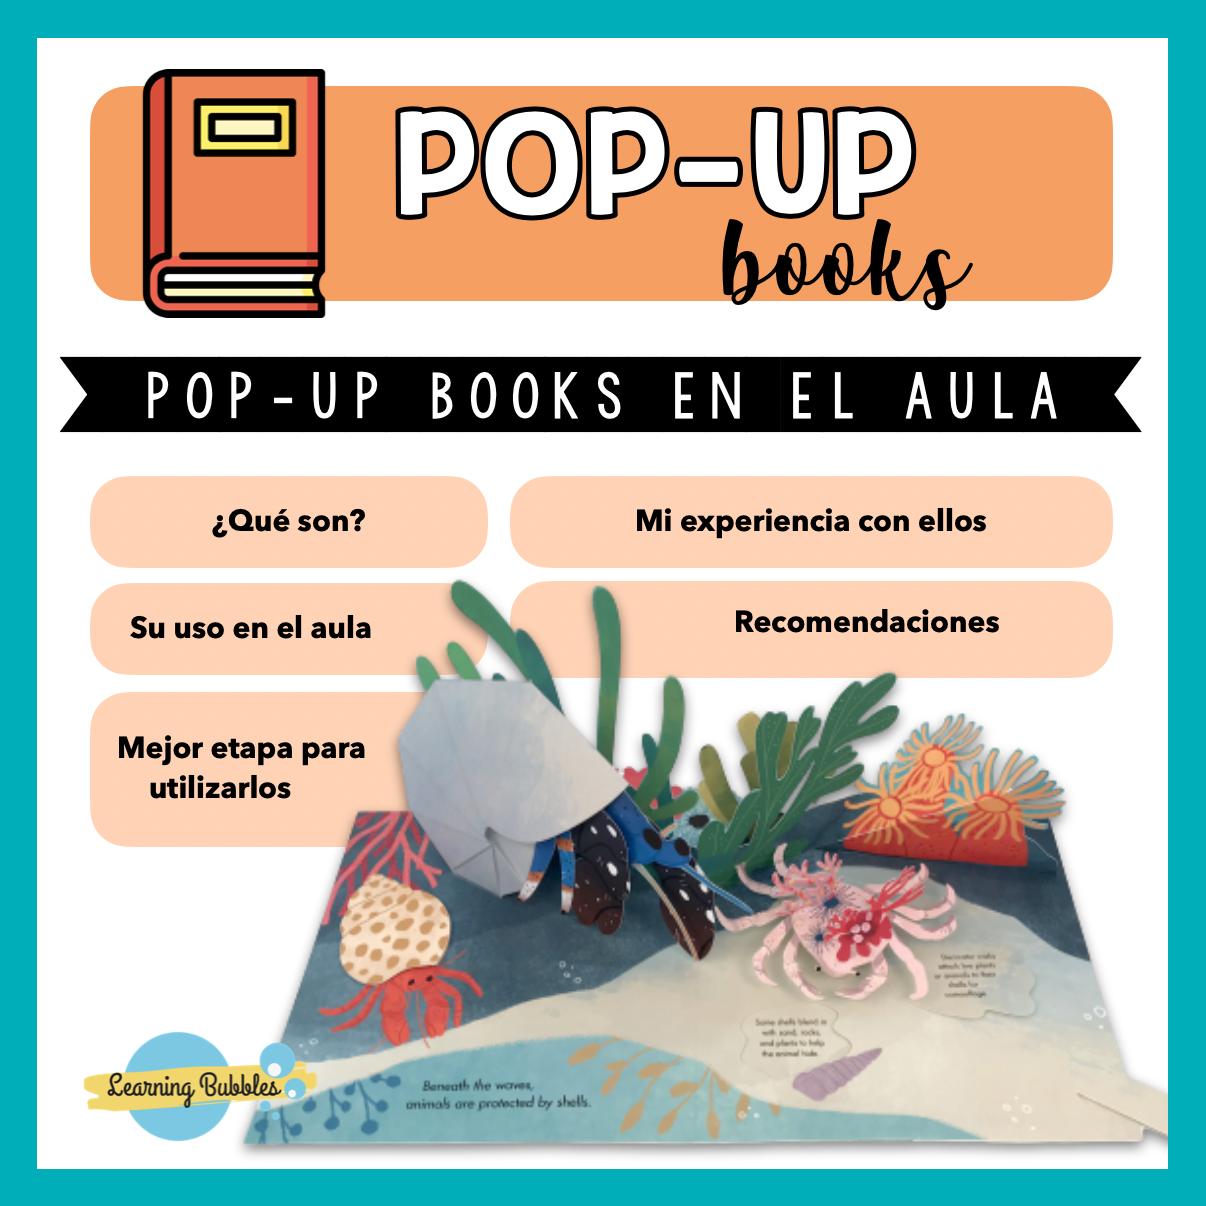 POP-UP BOOKS EN EL AULA